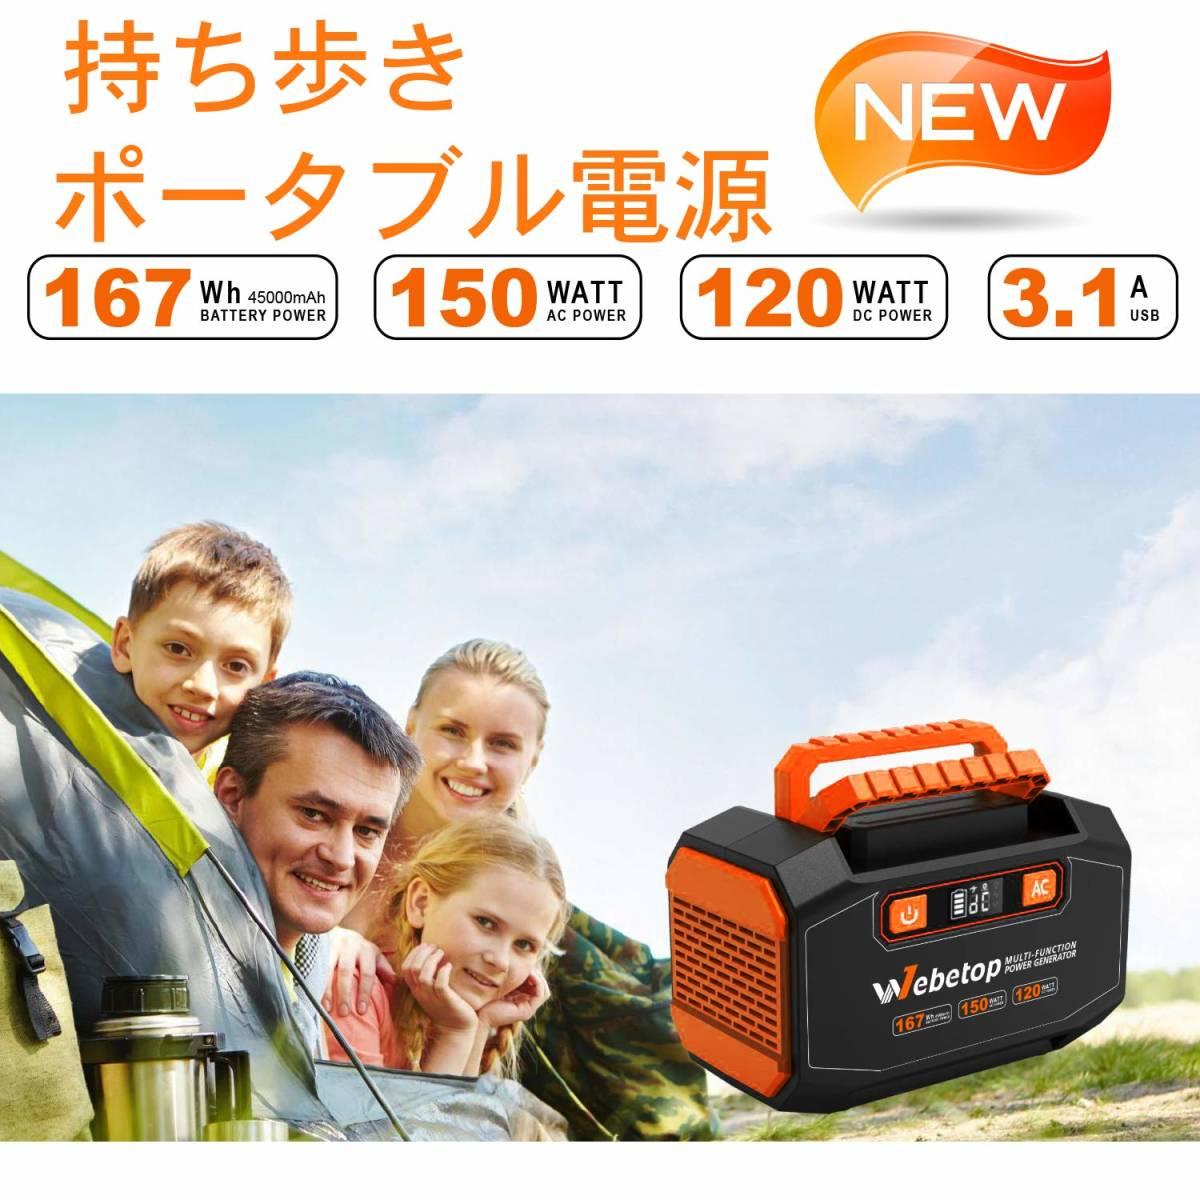 送料無料 Webetop ポータブル電源 167Wh 大容量 AC(150W) DC USB出力 QC3.0急速充電 家庭用蓄電池 充電方法三つ ソーラーパネル充電_画像5